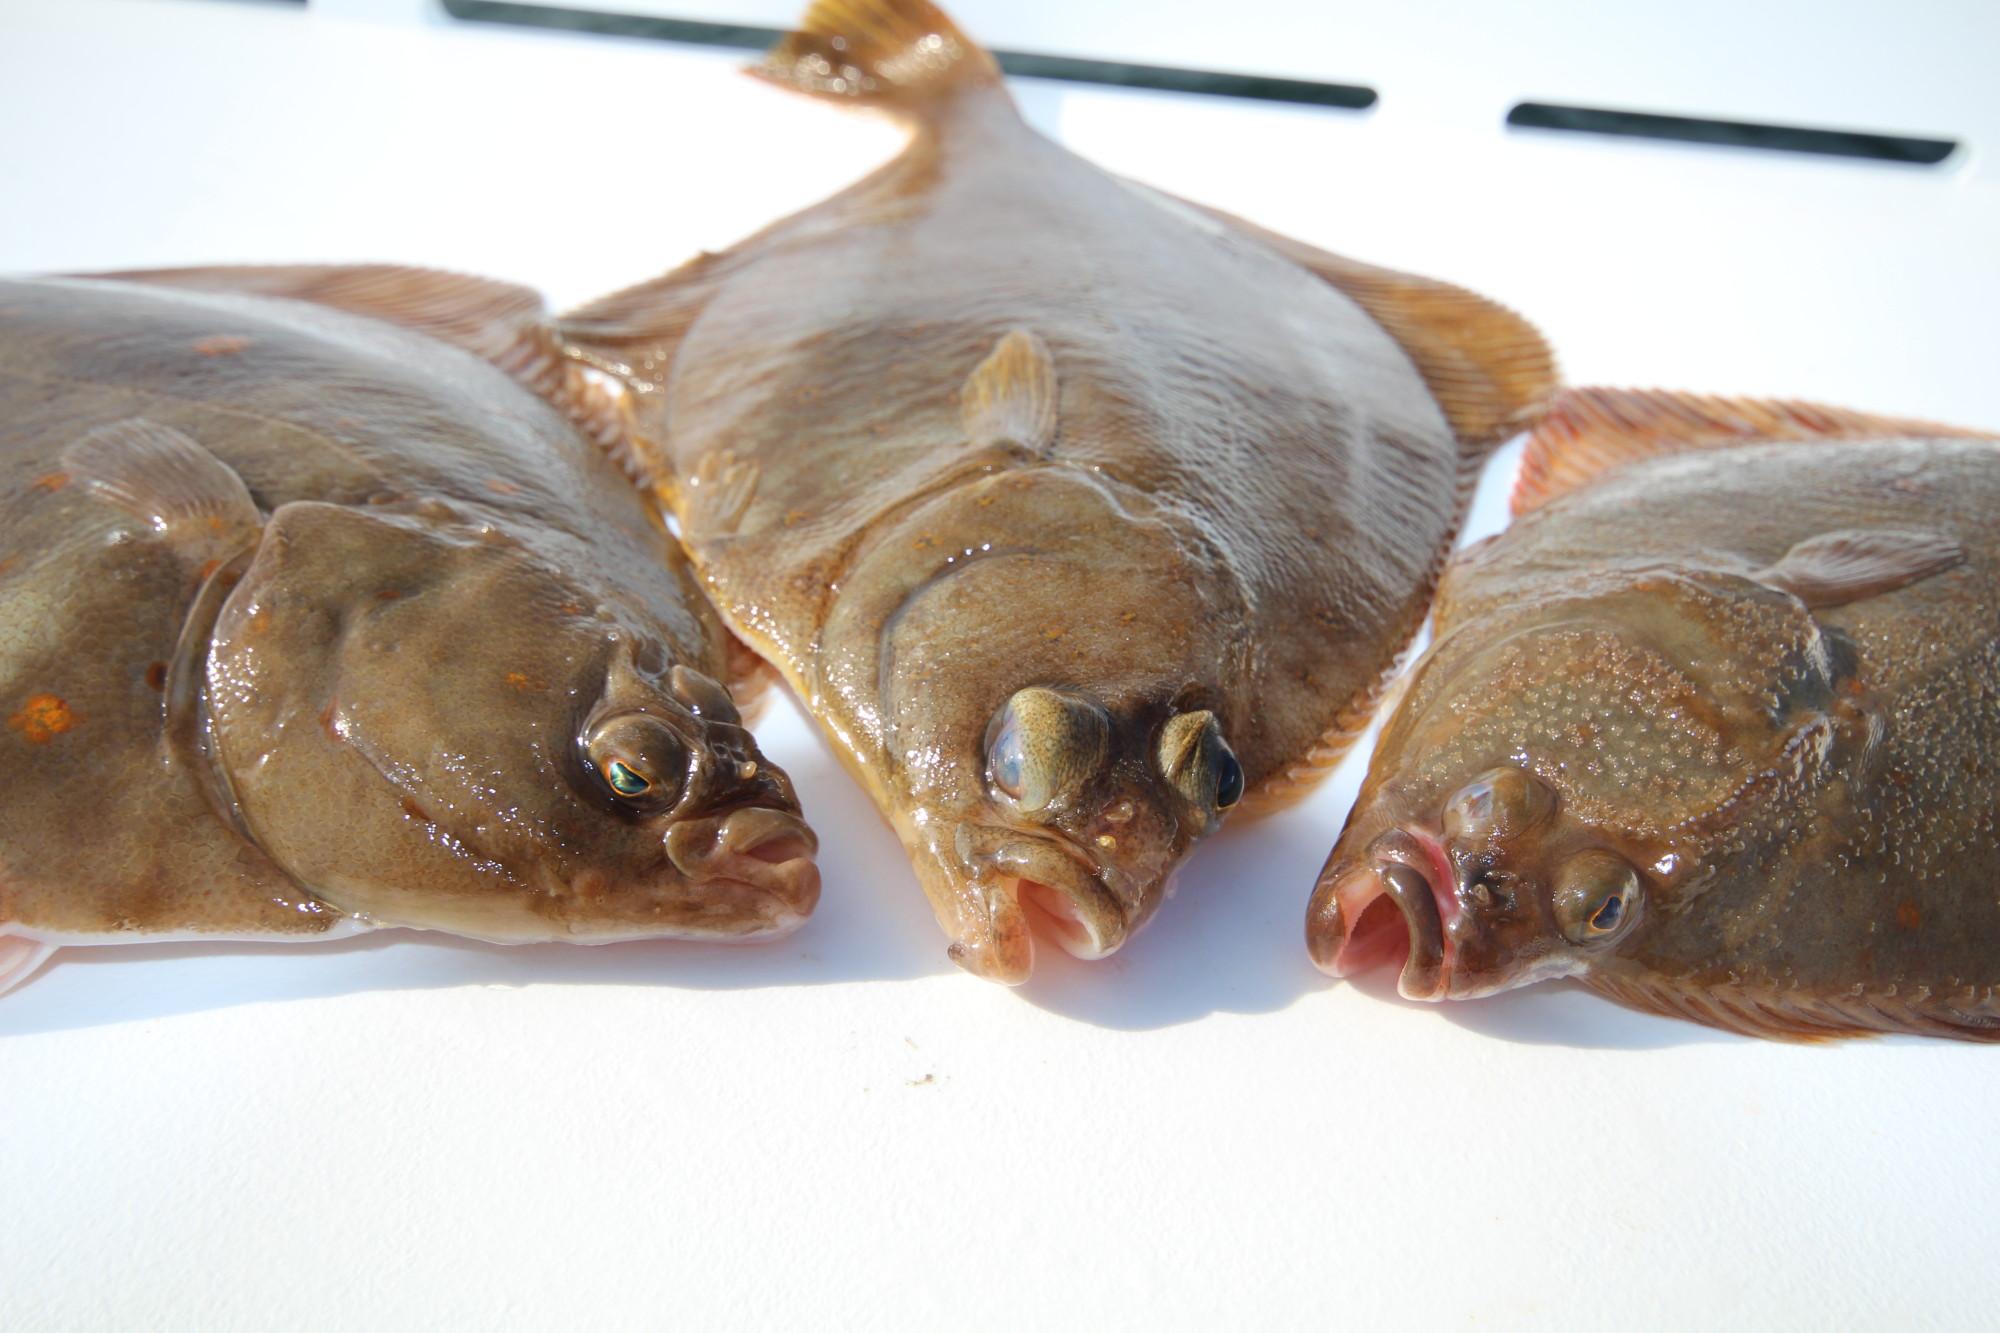 Who is who? Plattfische auseinander halten ist nicht ganz einfach … Hier Scholle, Kliesche und Flunder von links nach rechts.